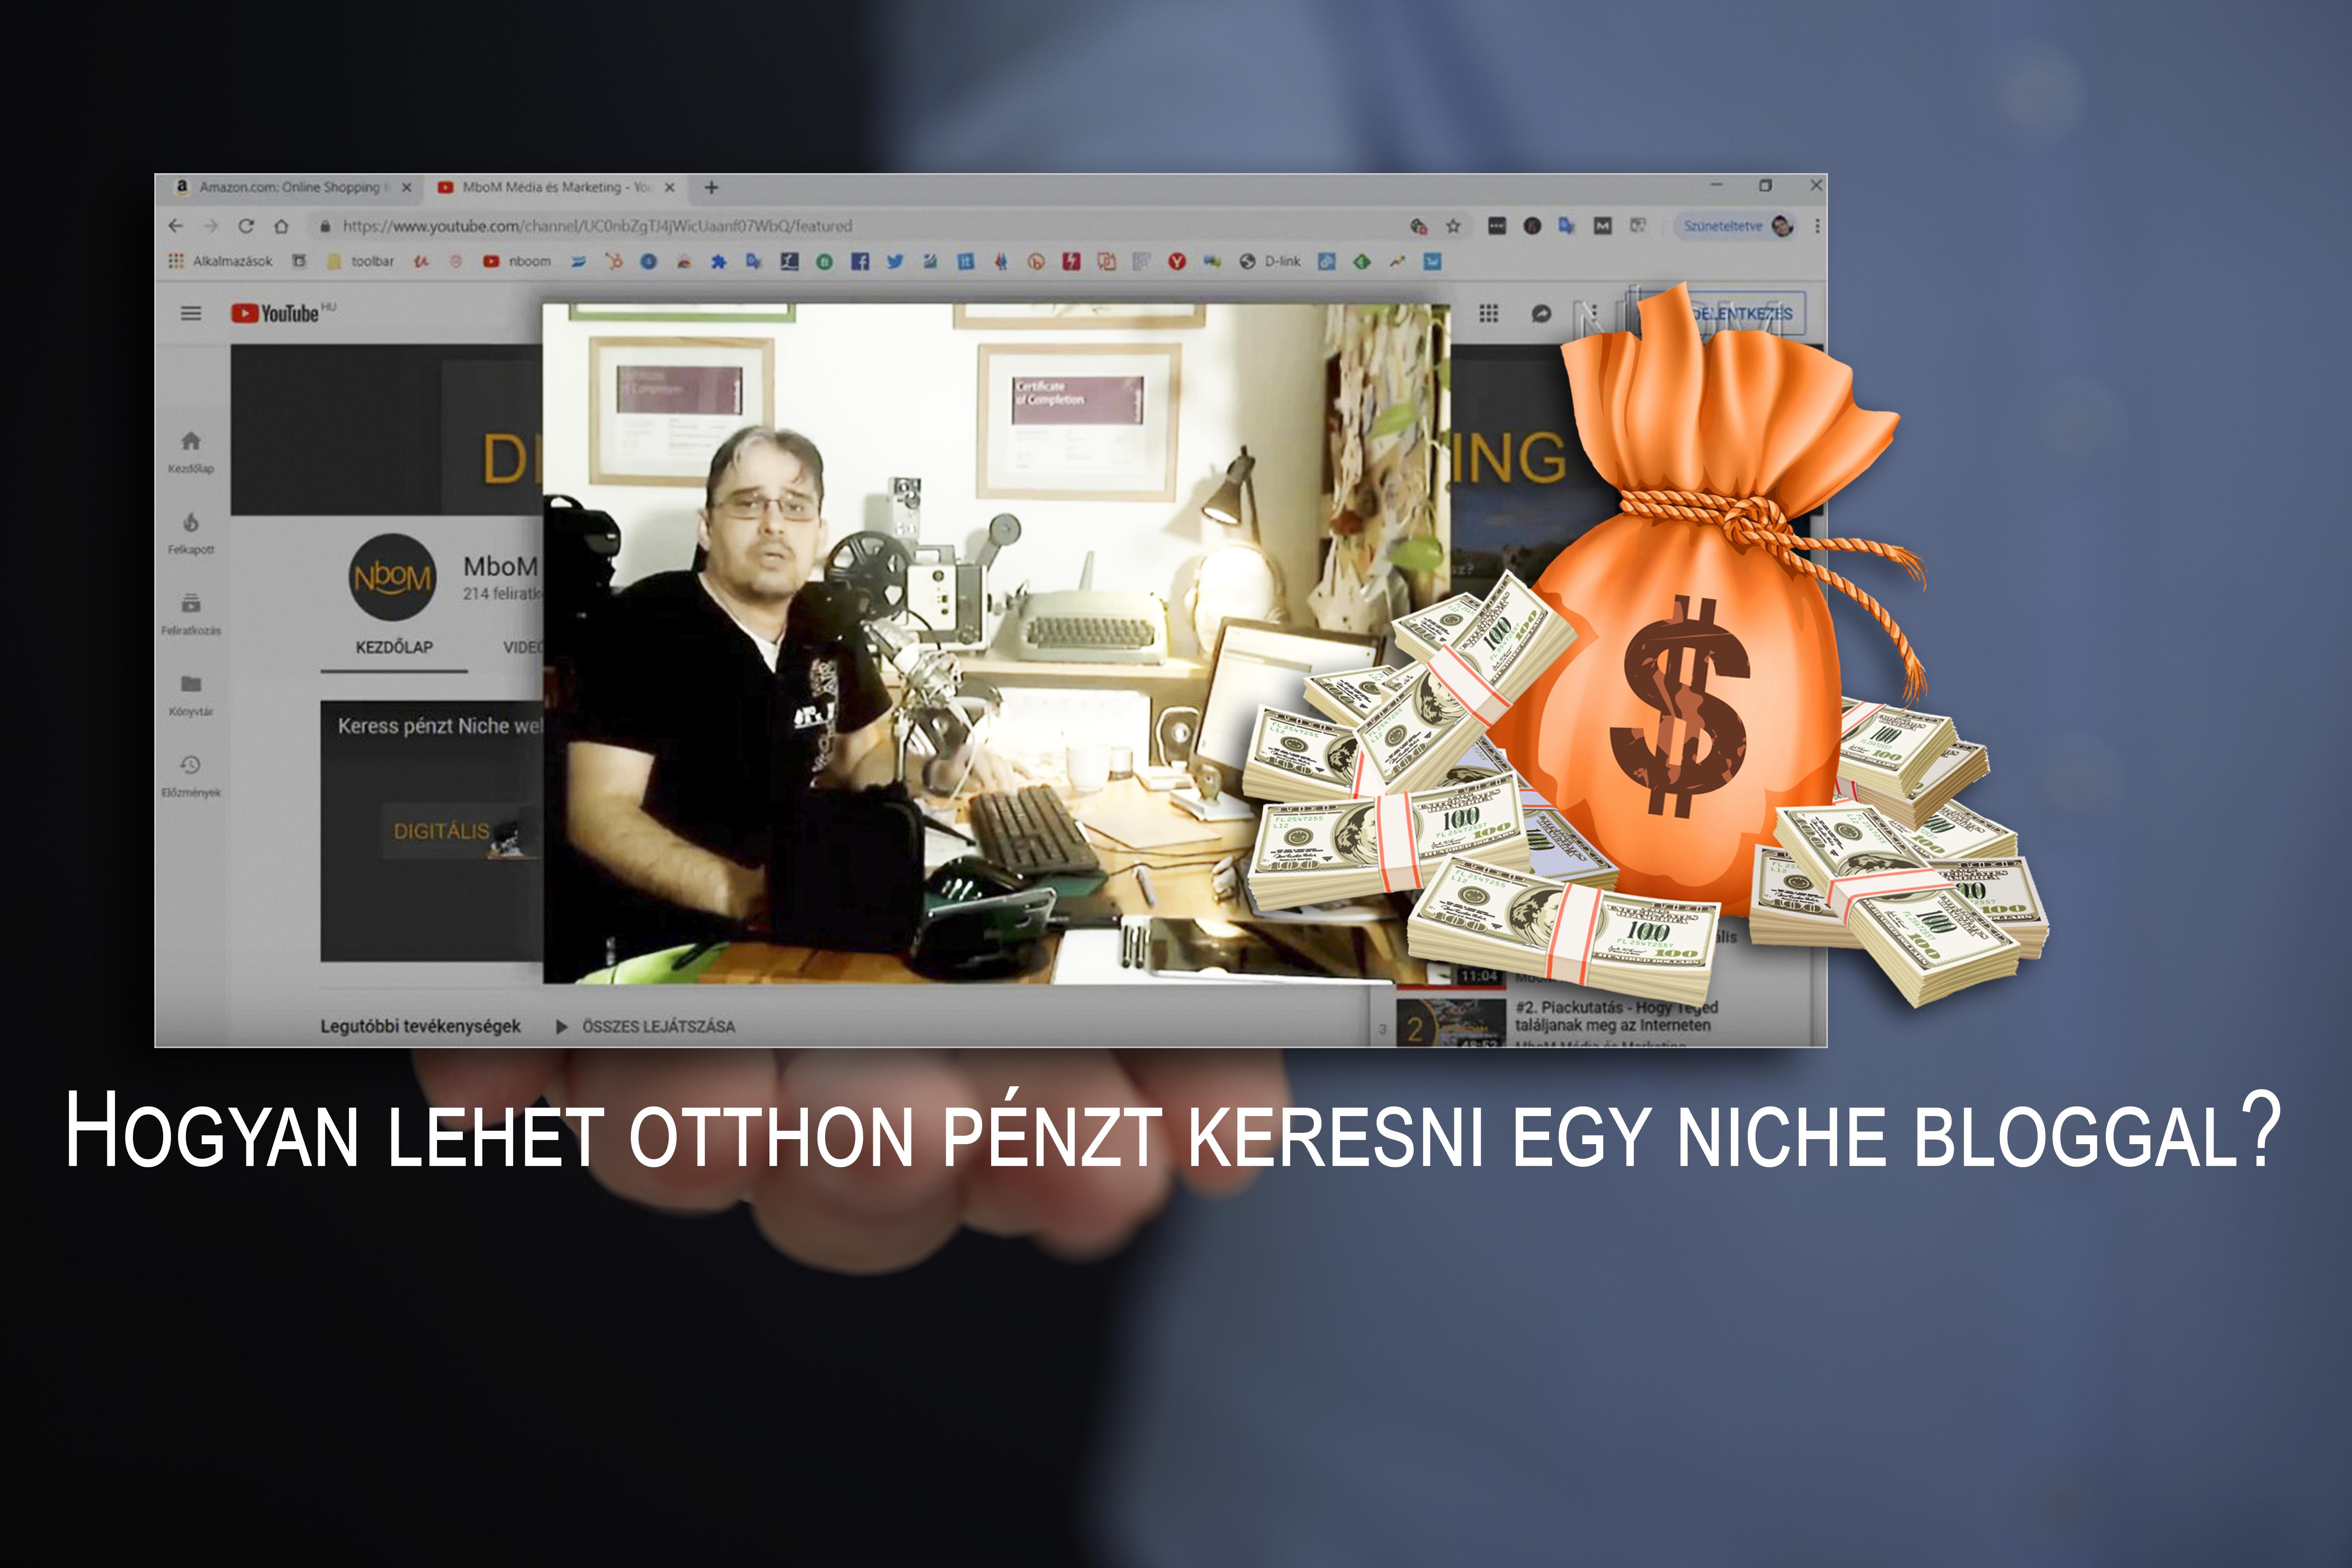 hol lehet valódi pénzt keresni